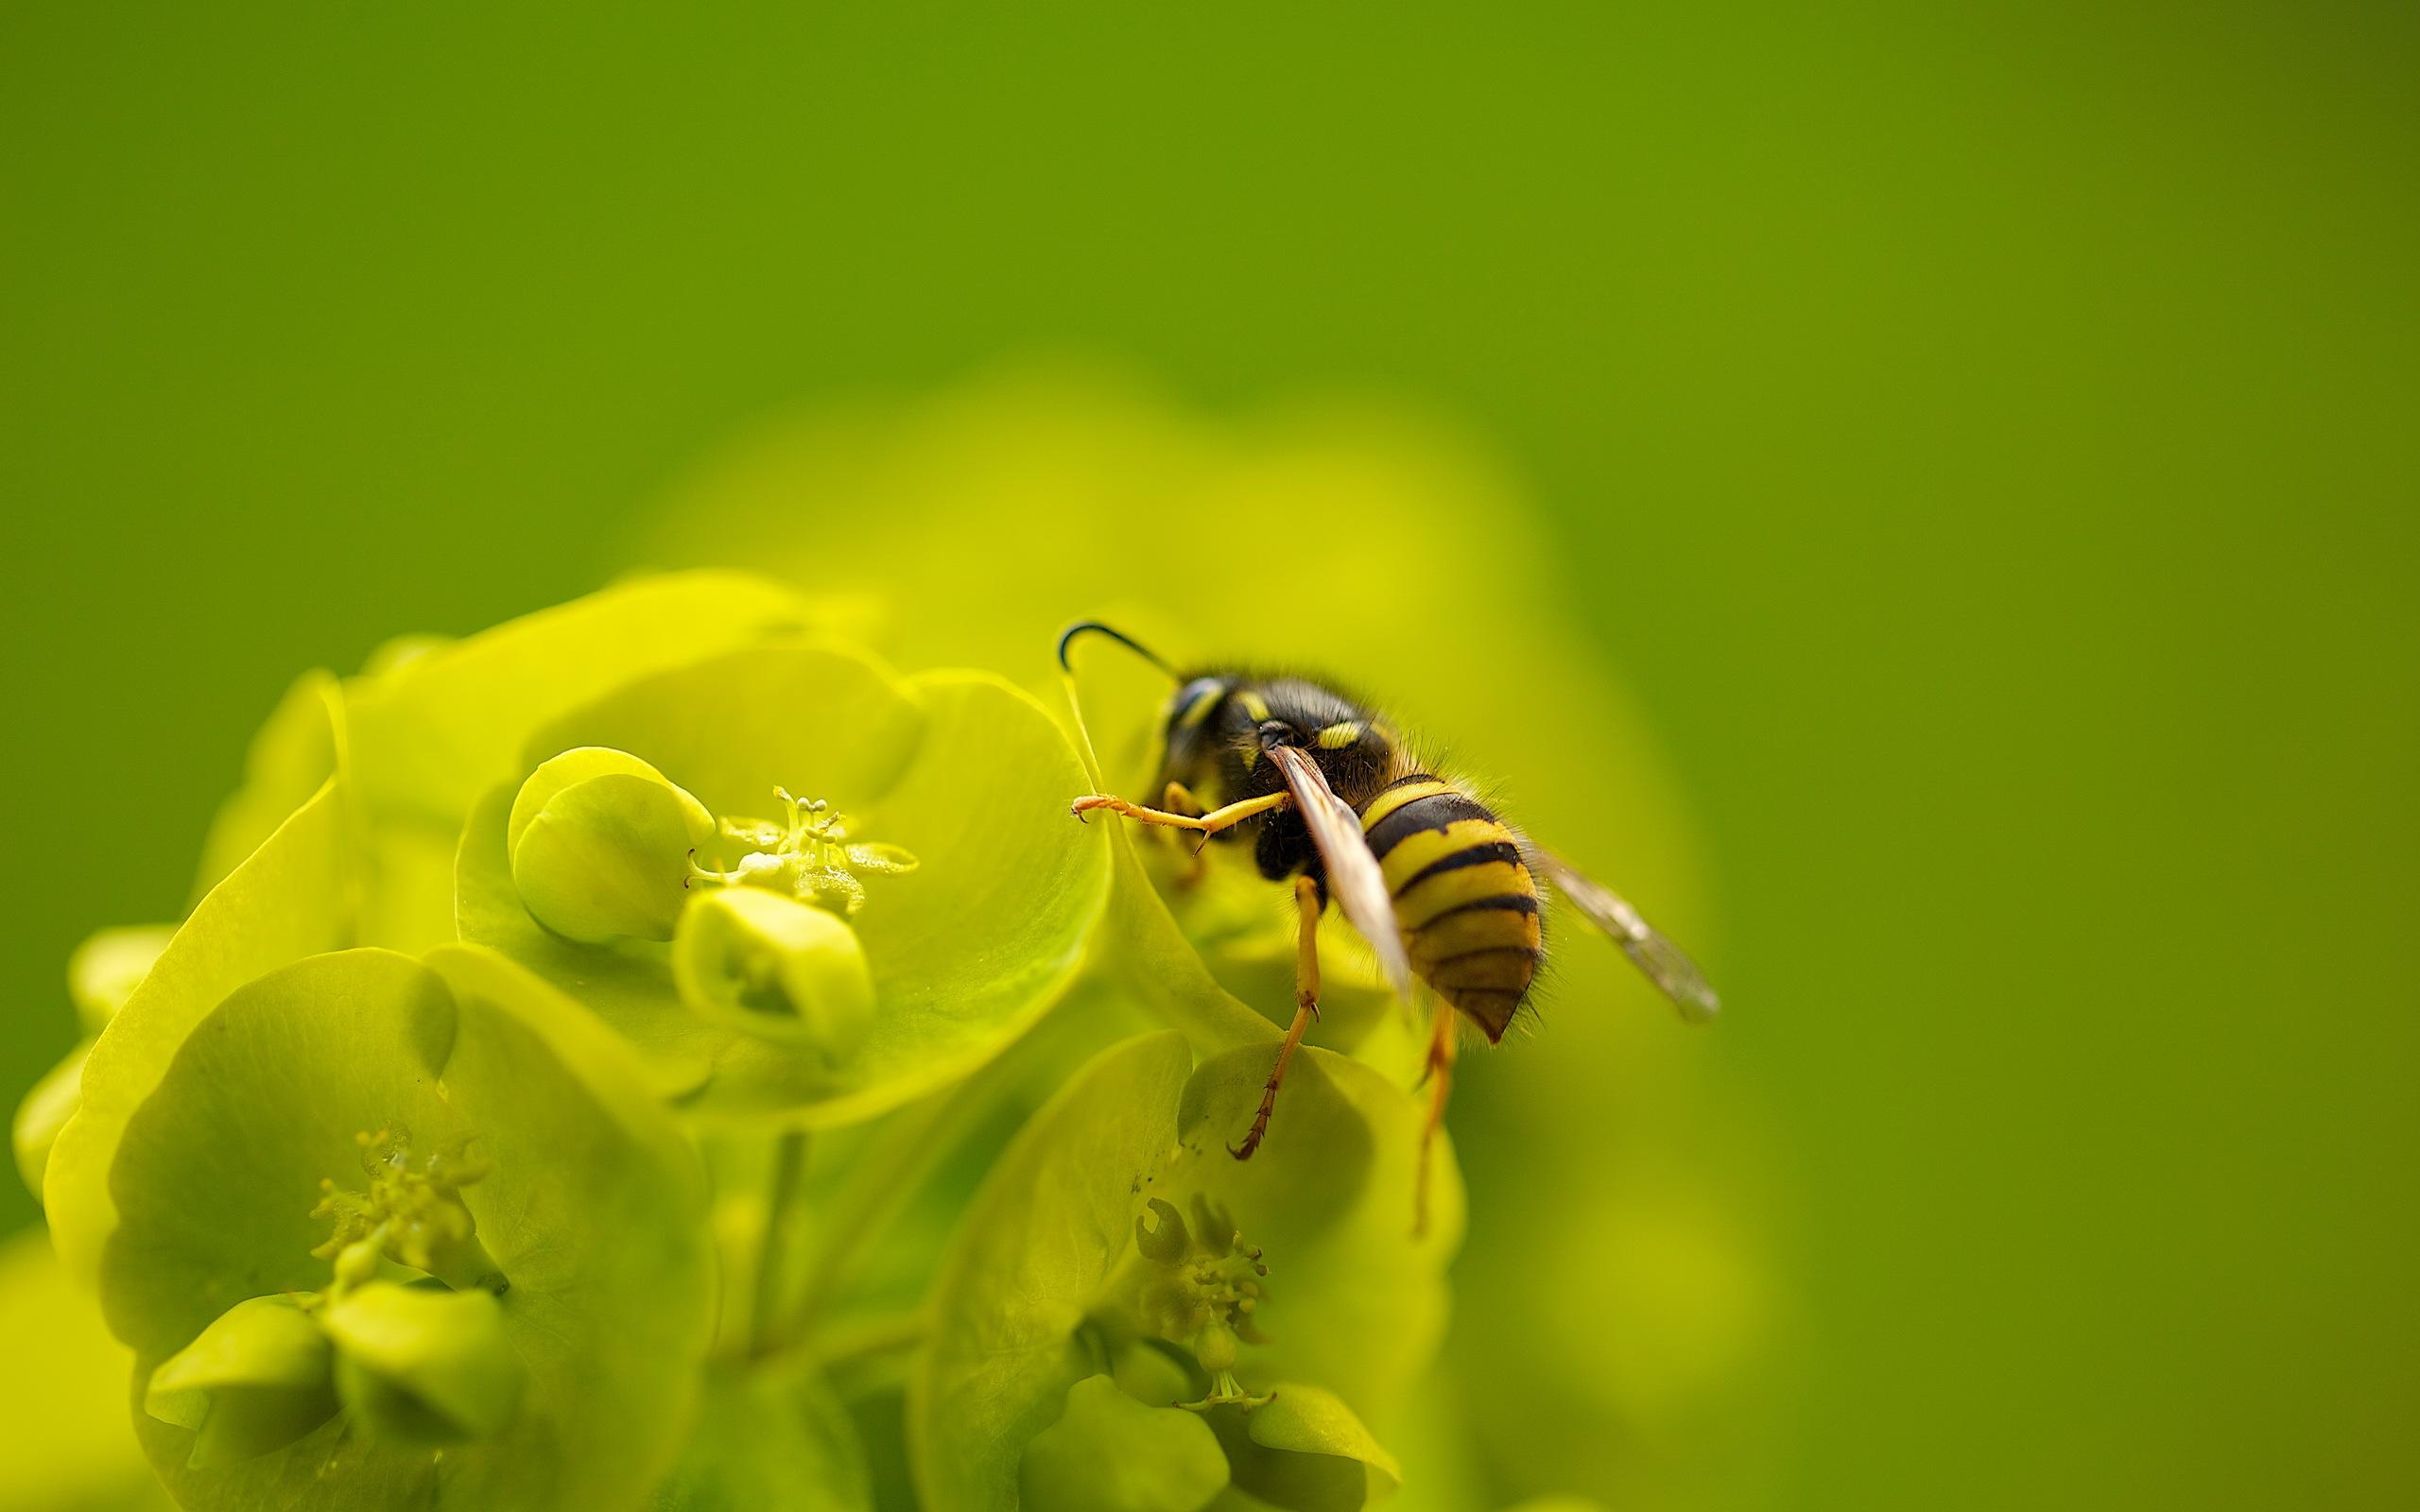 макро одуванчик животное насекомое пчела цветы природа  № 3007265 загрузить